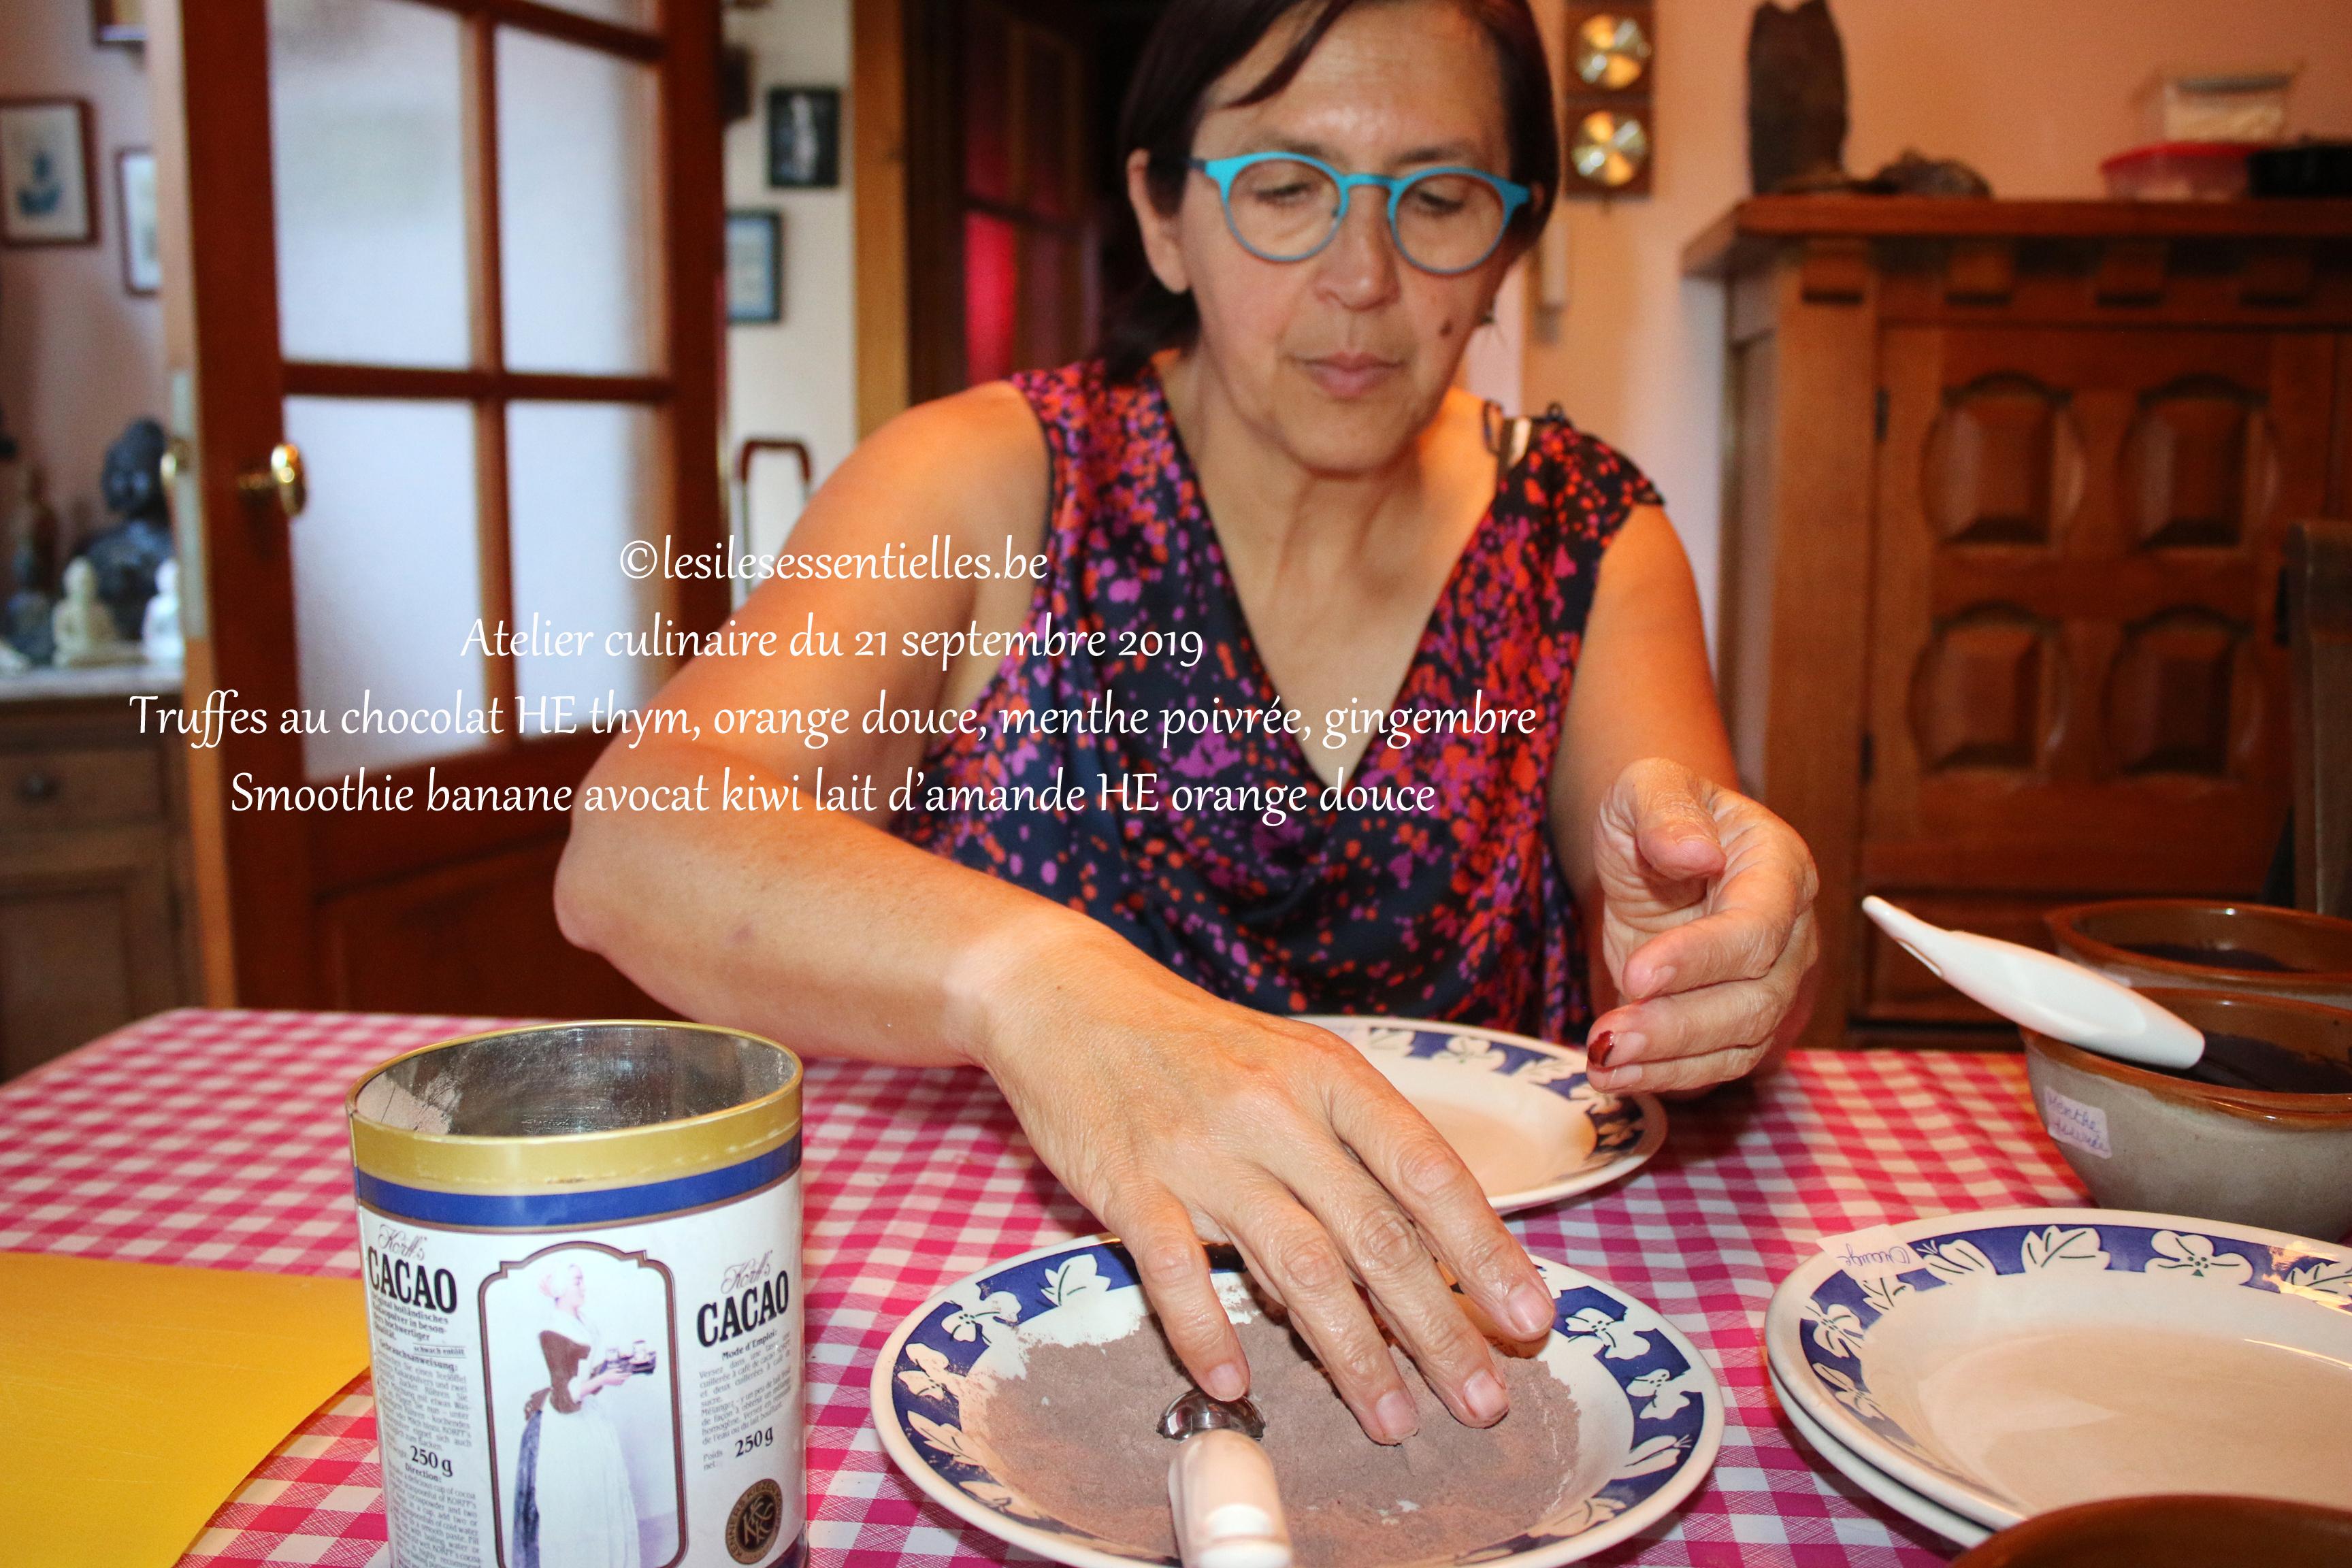 Atelier culinaire du 21 septembre 2019